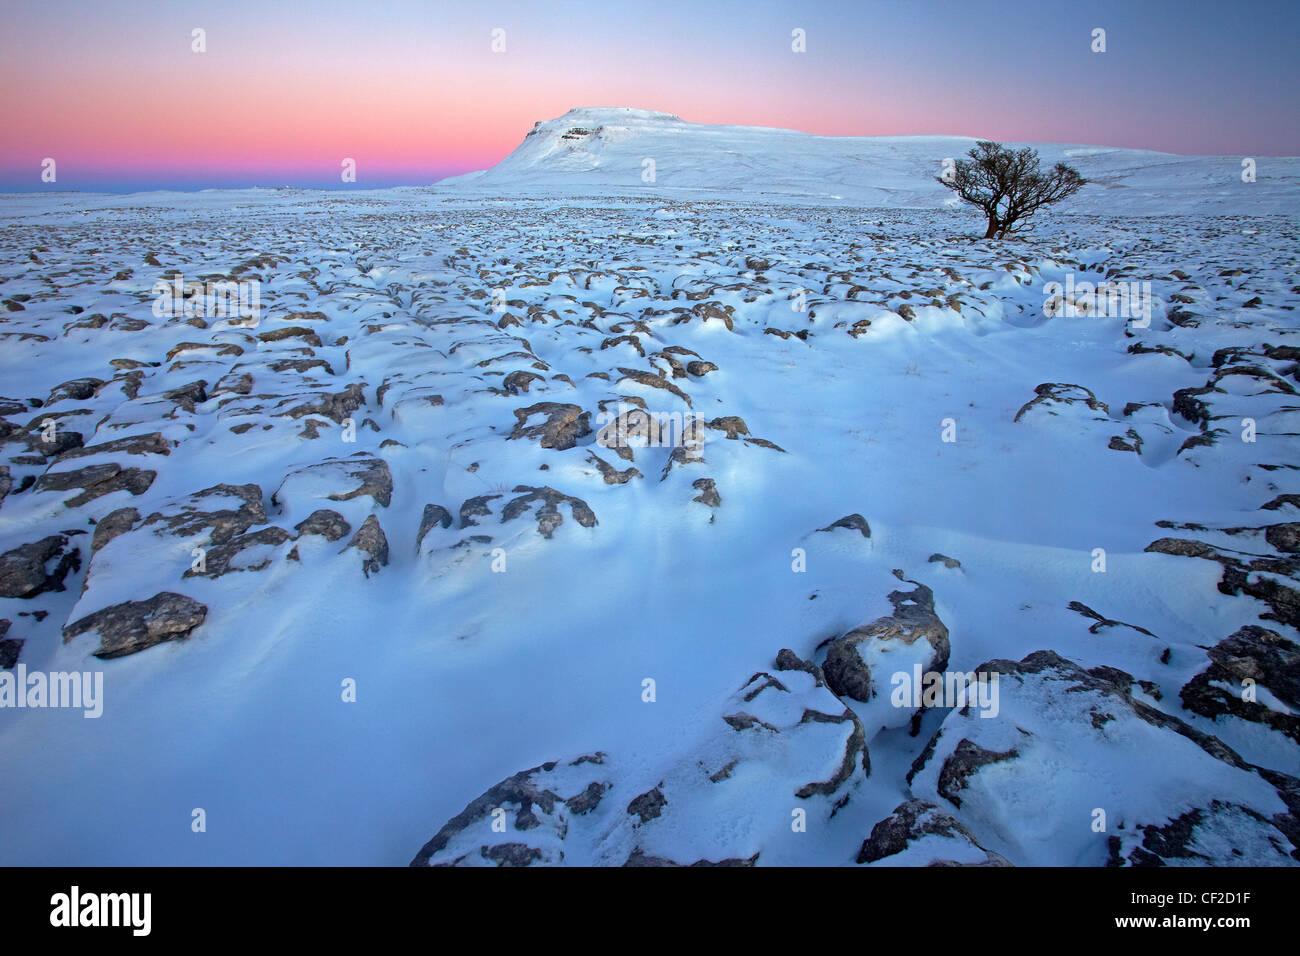 Vista invernale al tramonto verso Ingleborough, uno del Yorkshire tre cime da bianco cicatrici, un ampio altopiano Immagini Stock